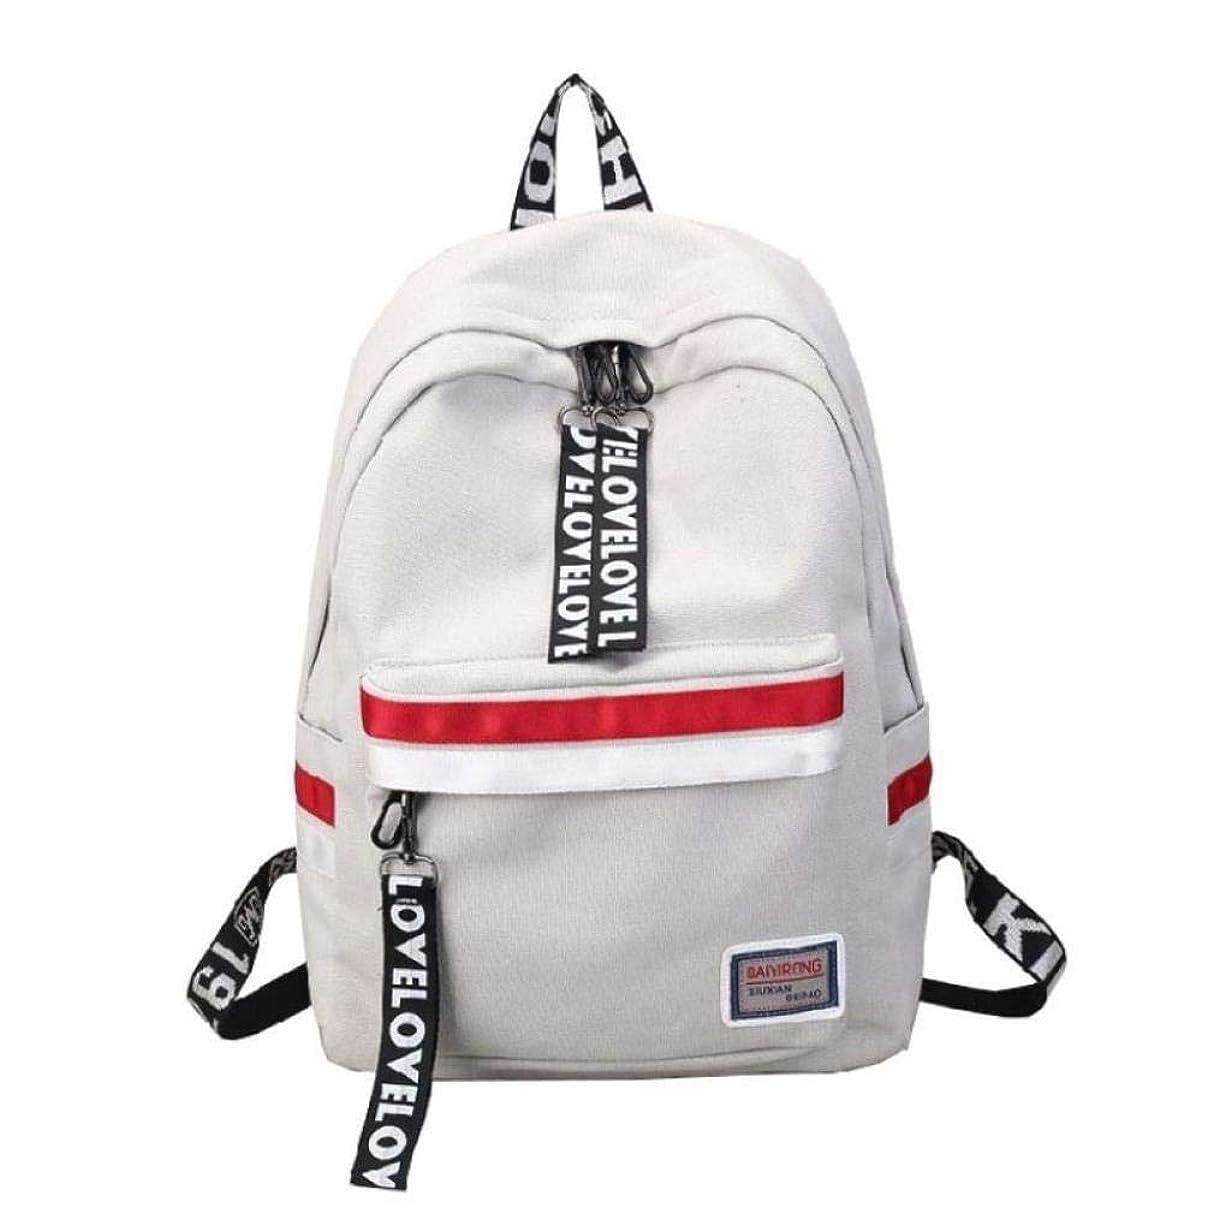 責保育園論理的子供のためのCS-PYY-Backpack School Bookbag スクールバッグ、女子高校中学生バッグ女子キャンパス高校生シンプルワイルドキャンバスバックパック旅行レジャーバックパック 女の子とティーン向けのCS-PYYバックパック (Color : Gray, Size : Other)